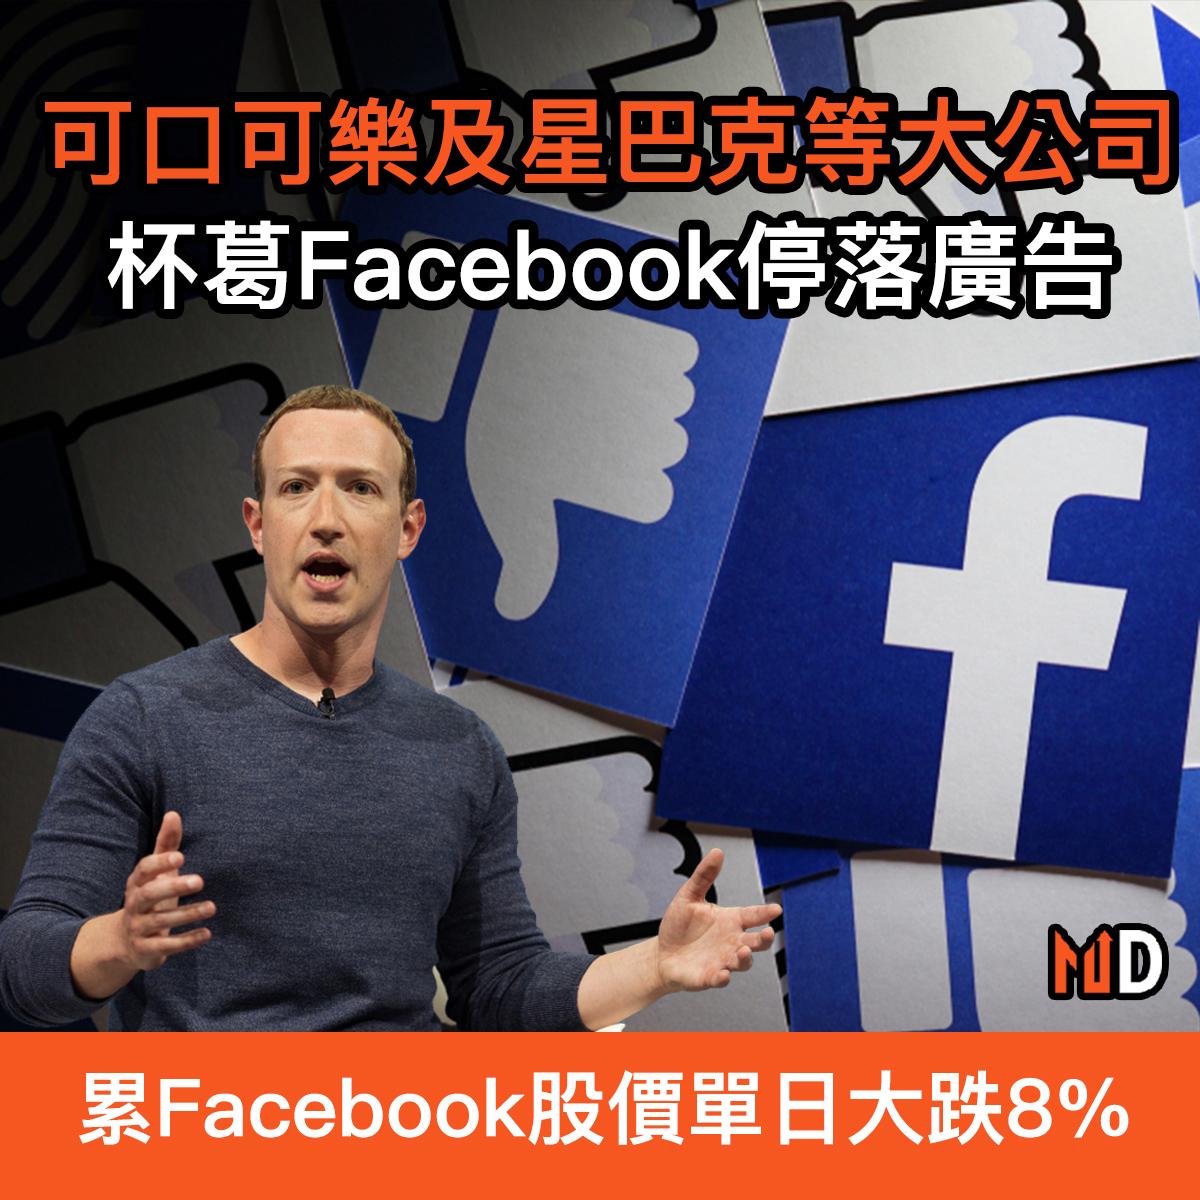 【市場熱話】可口可樂及星巴克等大公司杯葛Facebook停落廣告